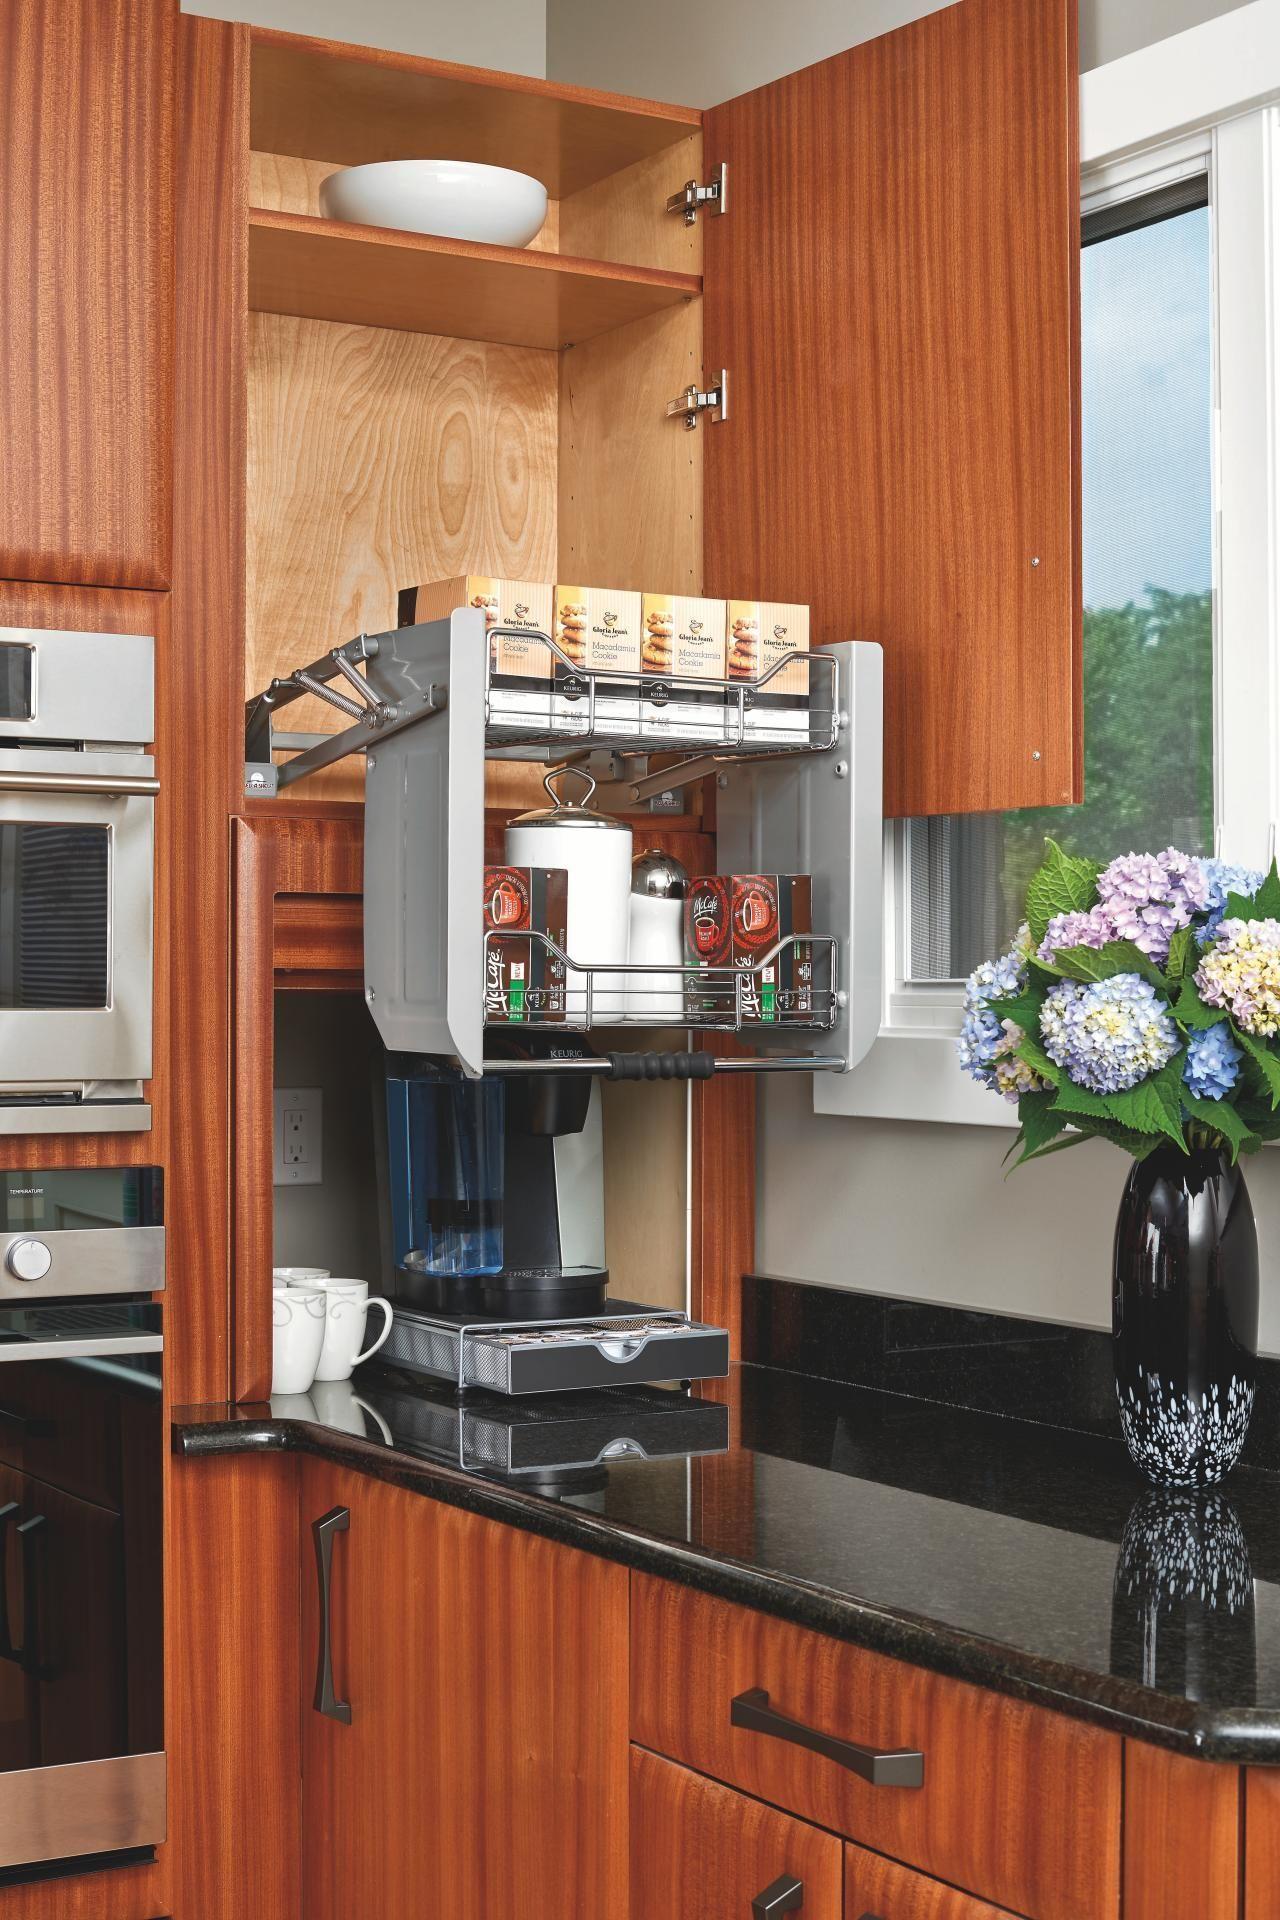 2016 Nkba Kitchen Trends Nkba Kitchen Bath Trend Awards Hgtv Diykitchencabinets Upper Kitchen Cabinets Interior Design Kitchen Kitchen Trends